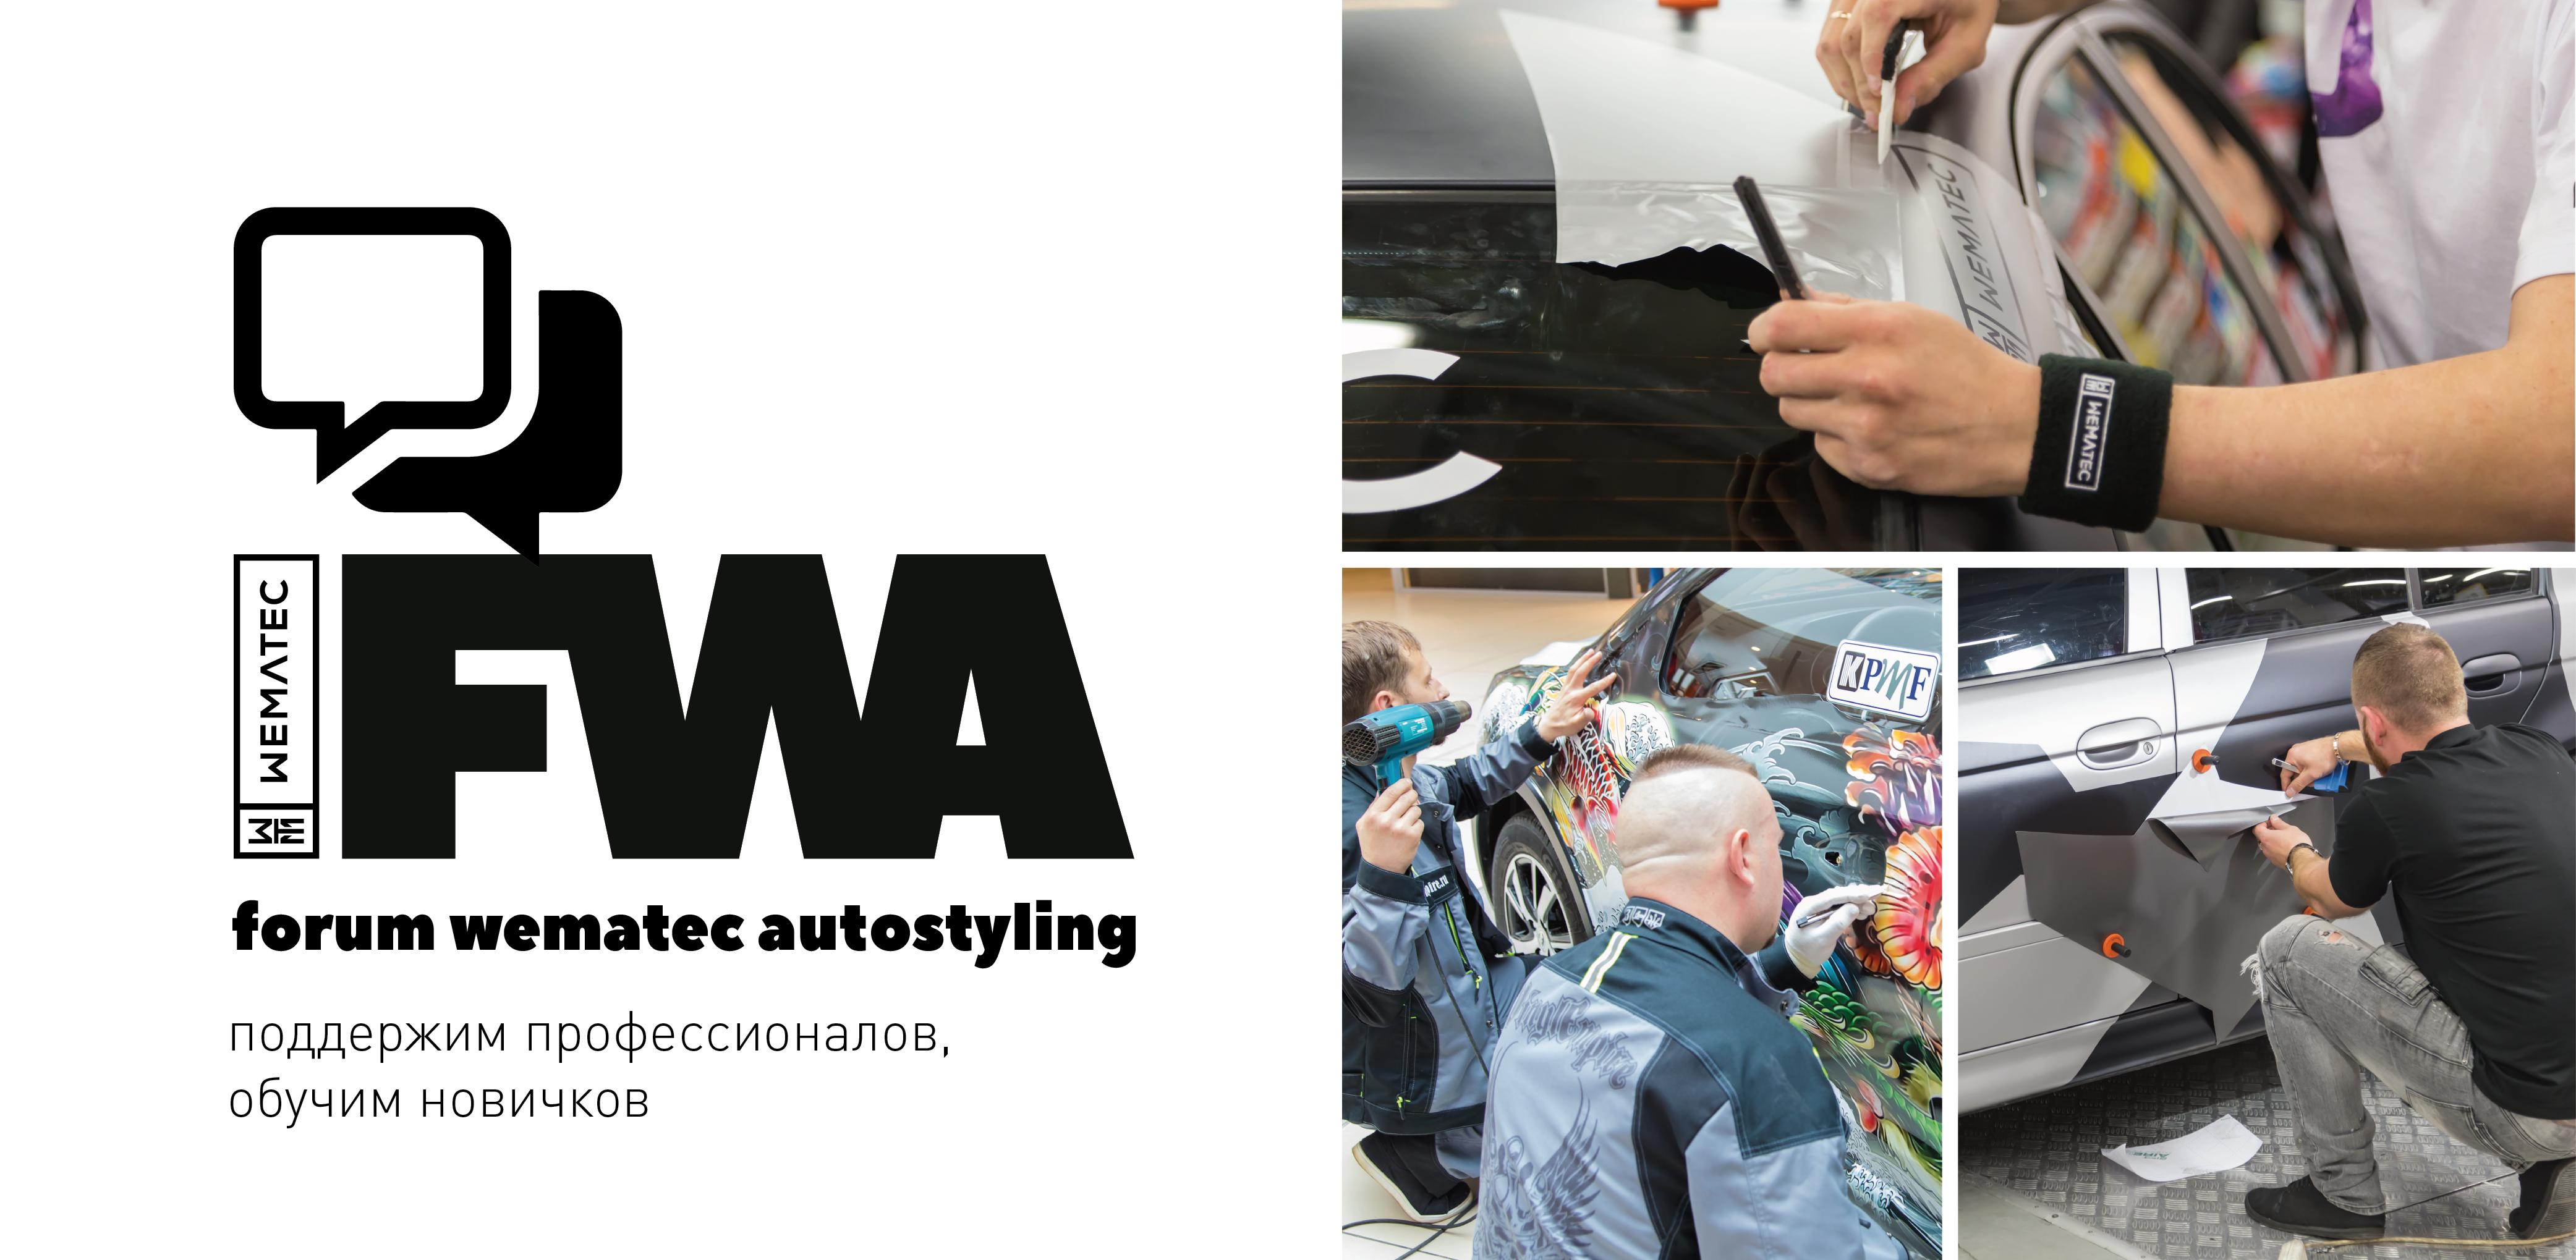 Forum Wematec Autostyling